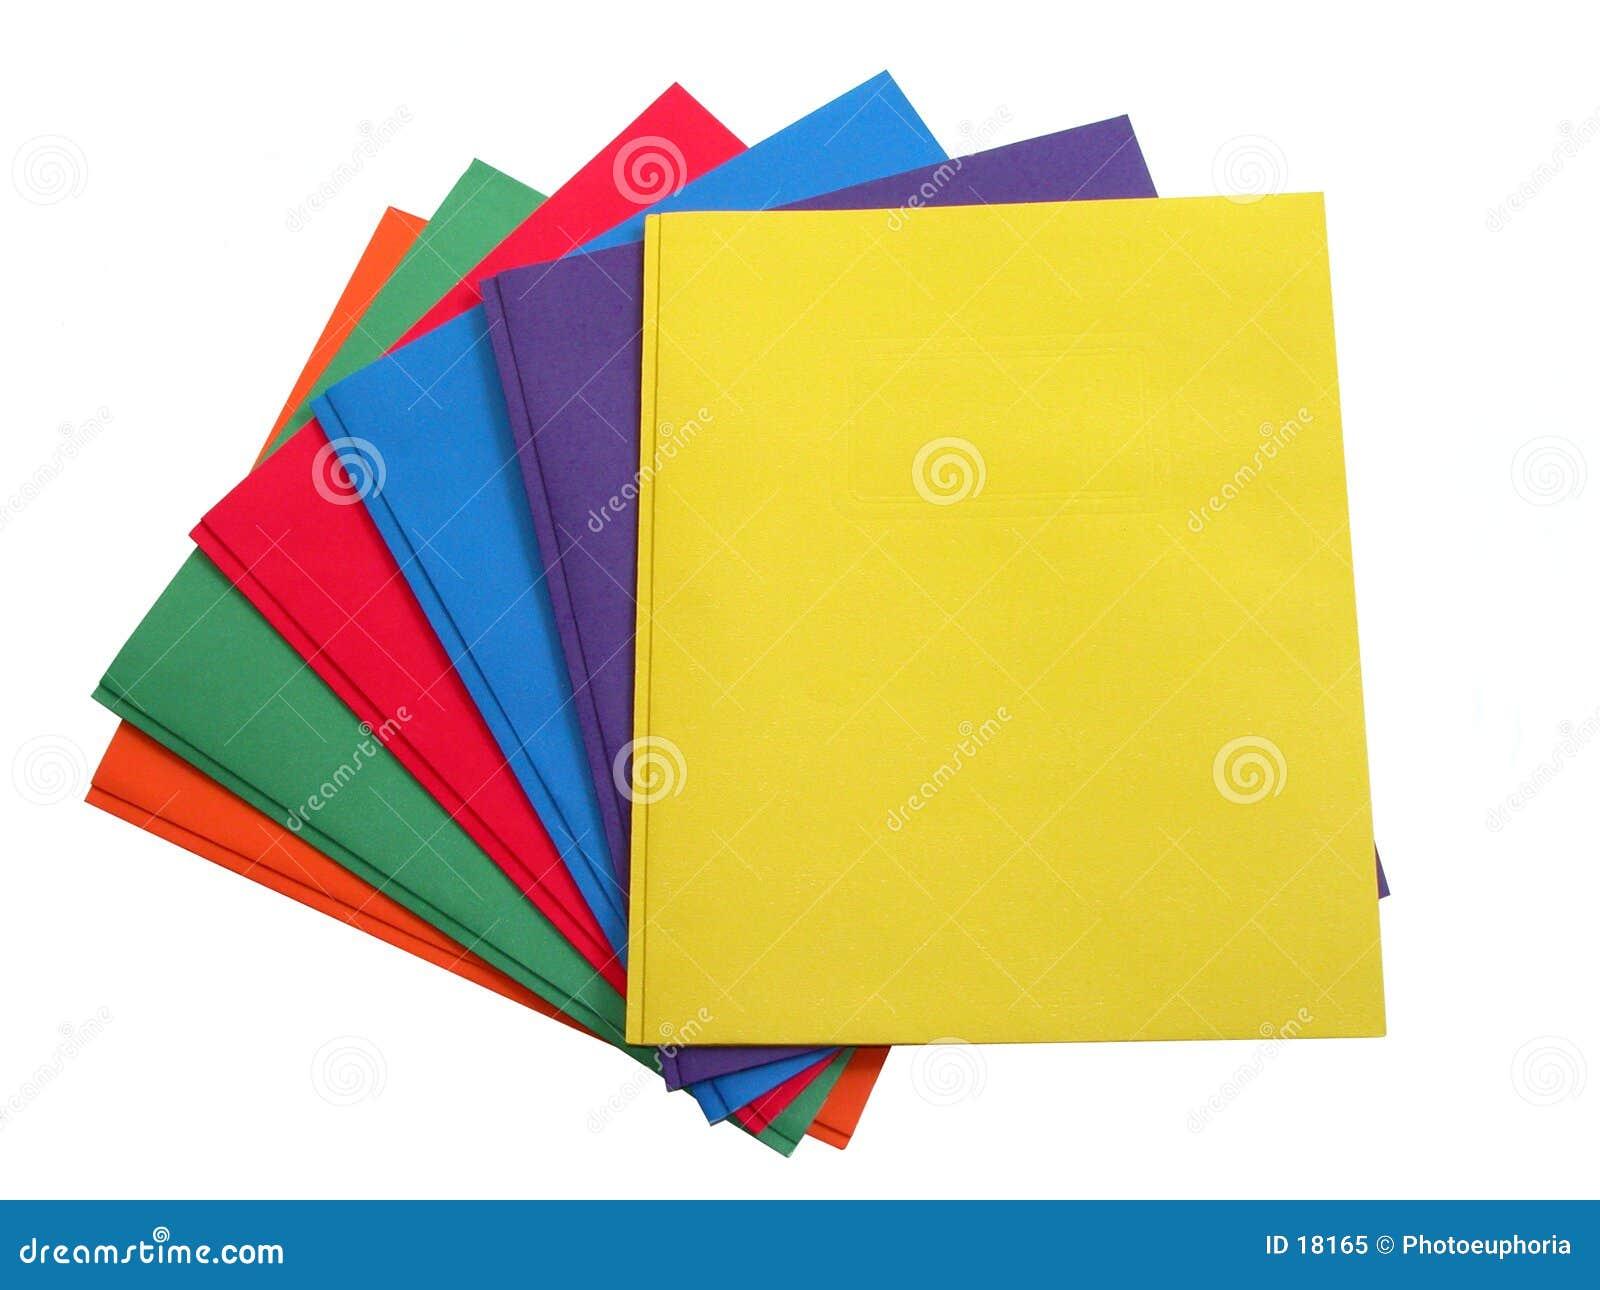 Escuela y oficina: Pila de carpetas coloreadas multi